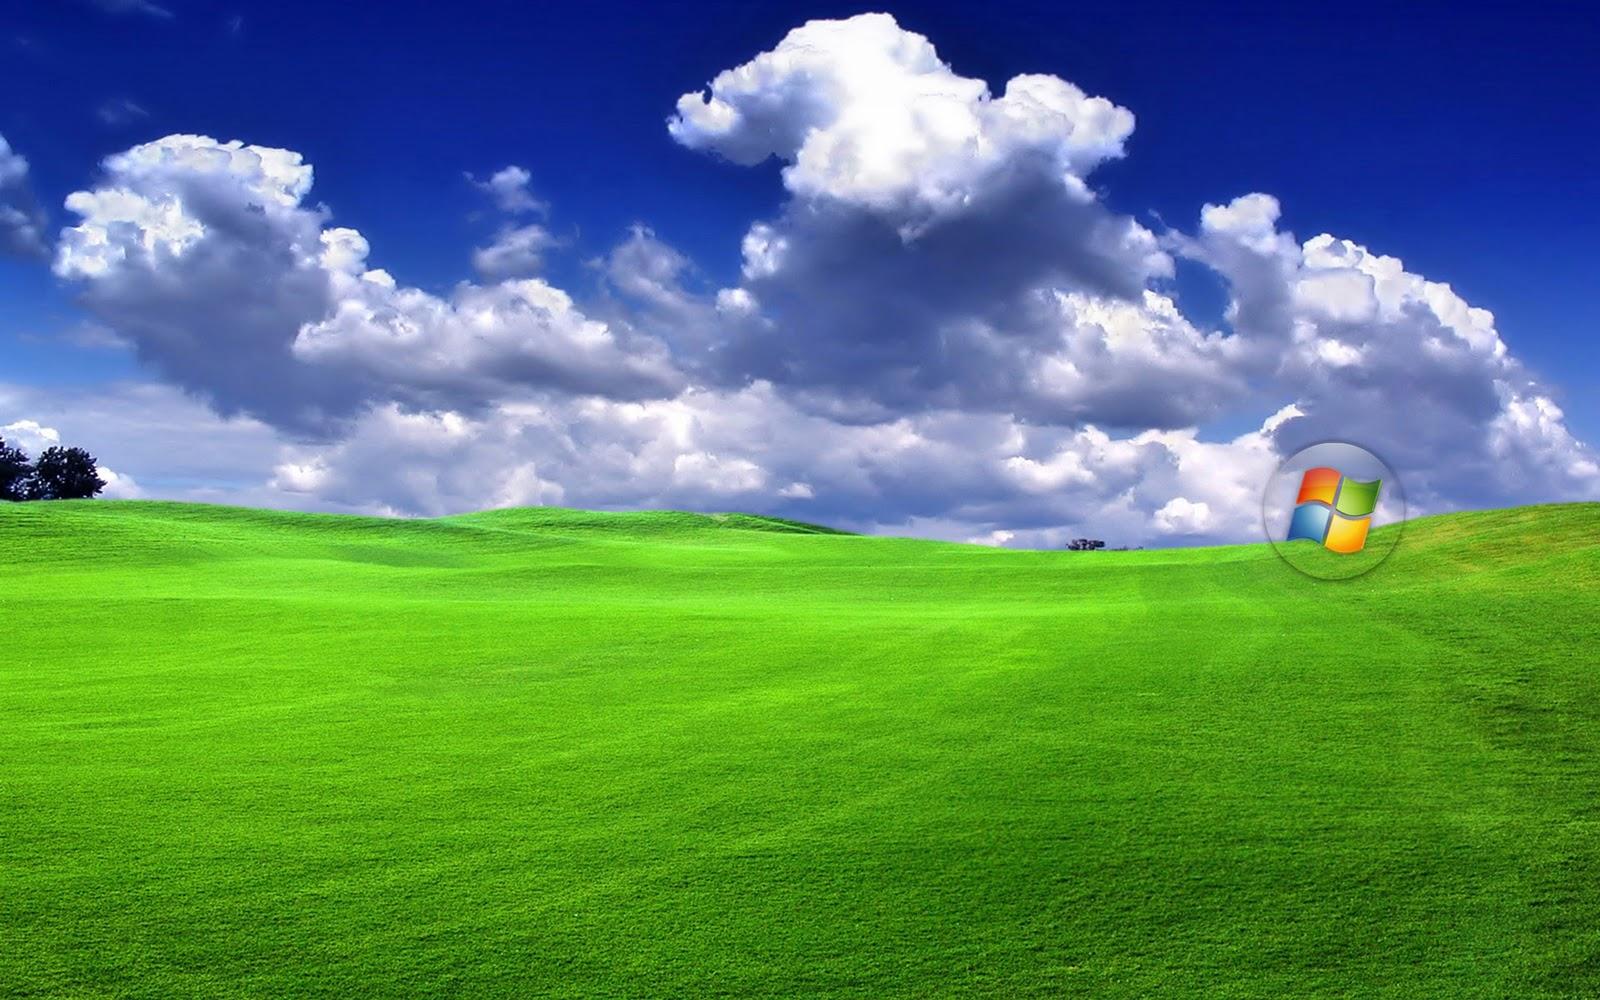 http://4.bp.blogspot.com/-xxrVGzTgJPo/TWaAiZWAPdI/AAAAAAAAAok/_OW8SmOcxIQ/s1600/Vista+Wallpaper+%252895%2529.jpg